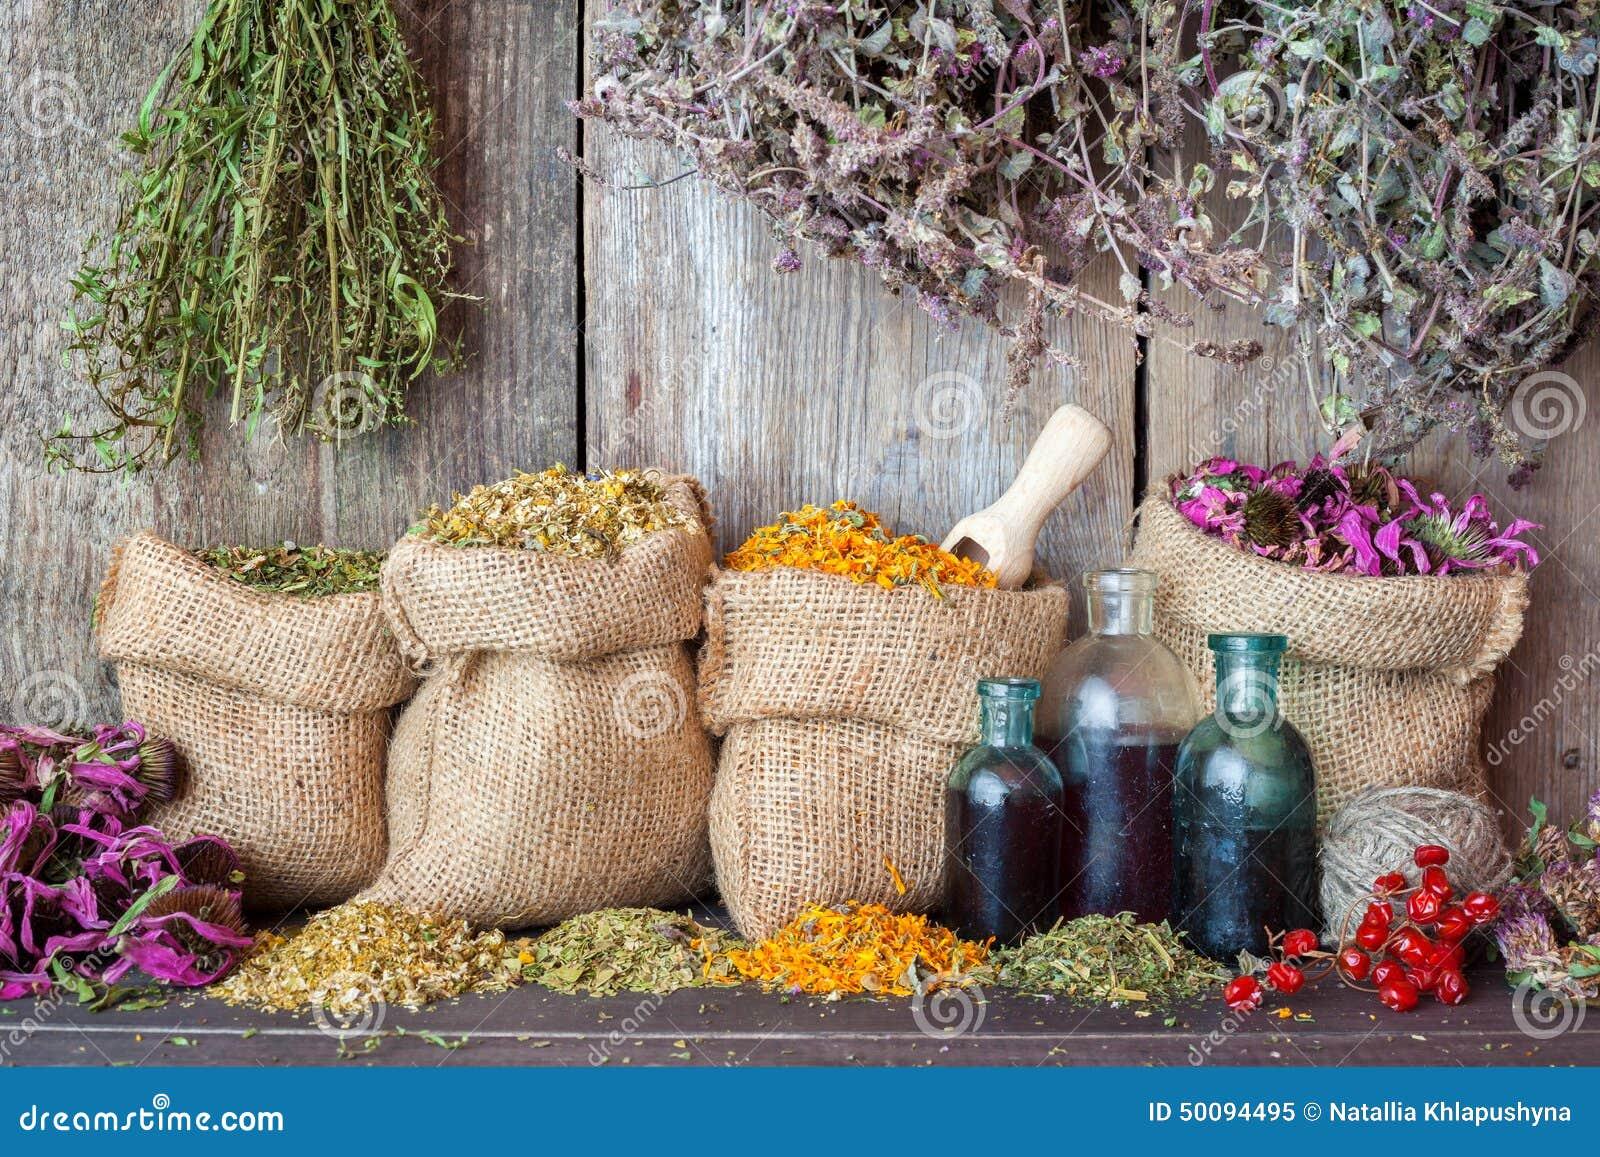 Hierbas curativas en bolsos de la arpillera y botellas de aceite esencial